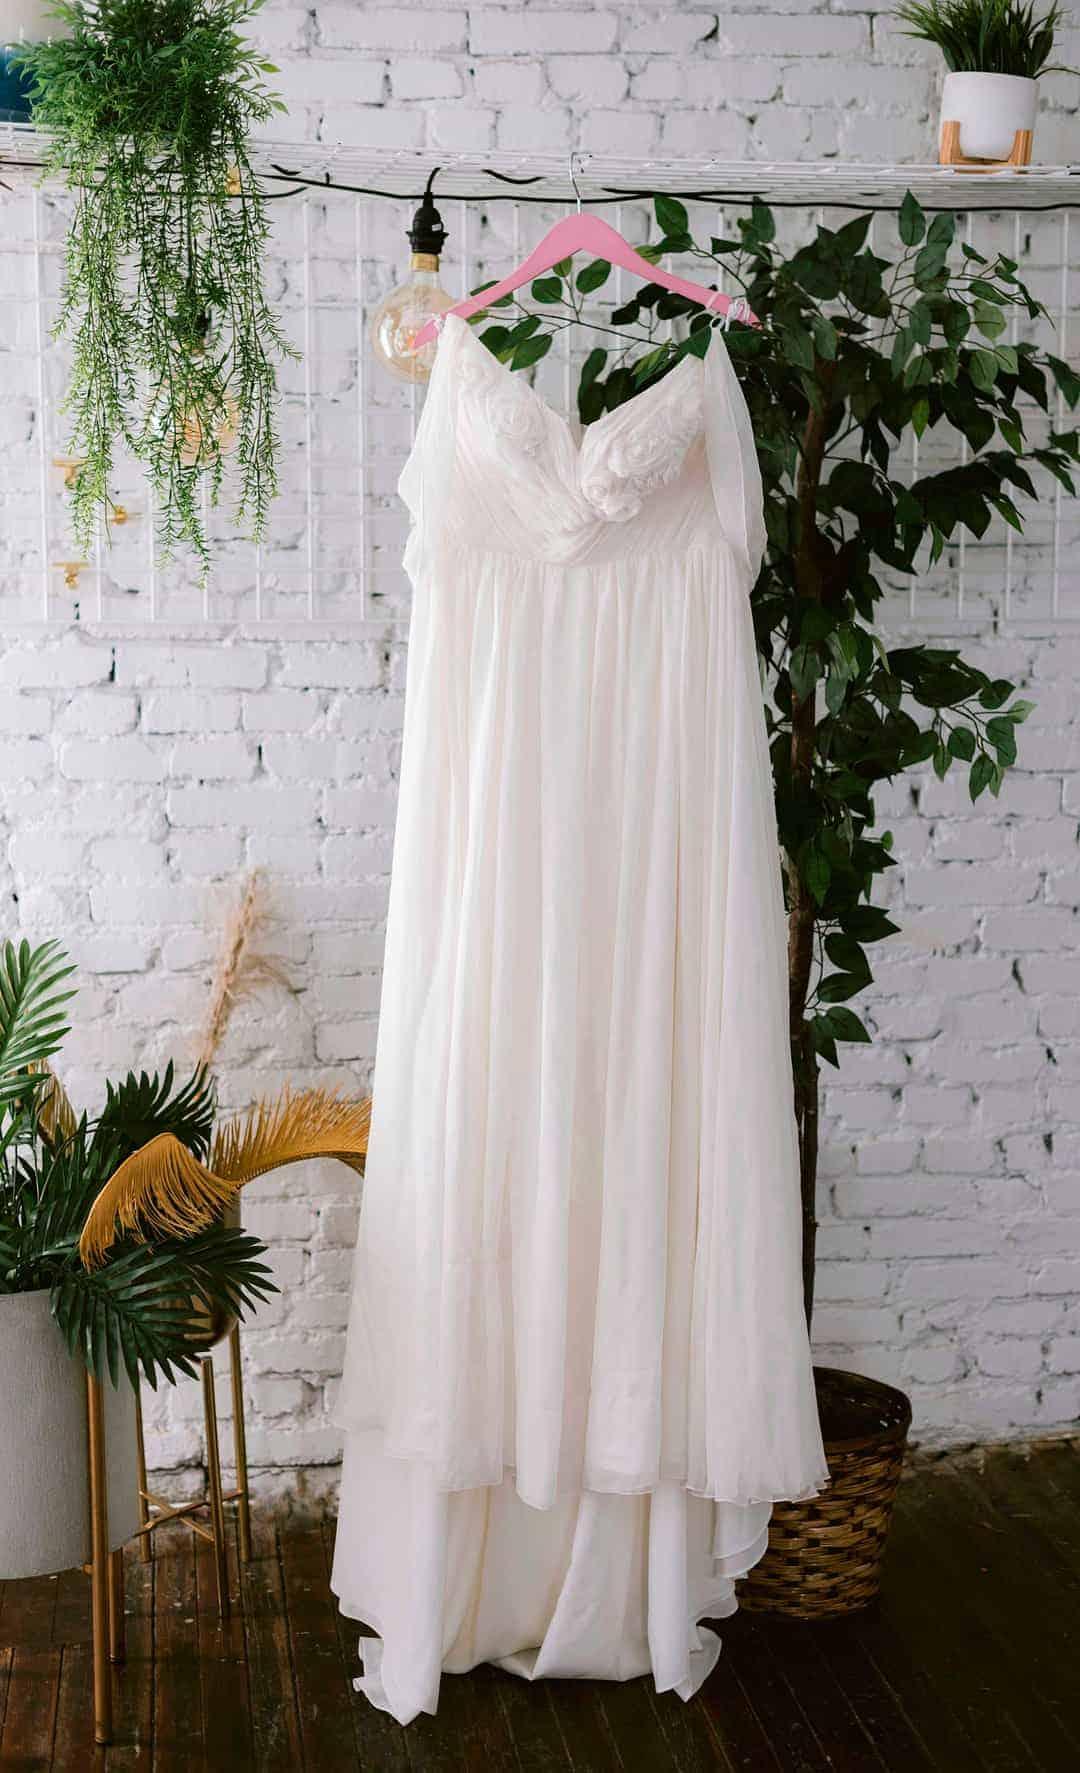 BEAUTIFUL WEDDING INSPIRATION FOR COUPLES WHO WANT TO CELEBRATE THEIR SPANISH CULTURE 1 - Ý TƯỞNG ĐÁM CƯỚI CHỦ ĐỀ TÂY BAN NHA |  Bespoke-Bride: Wedding Blog